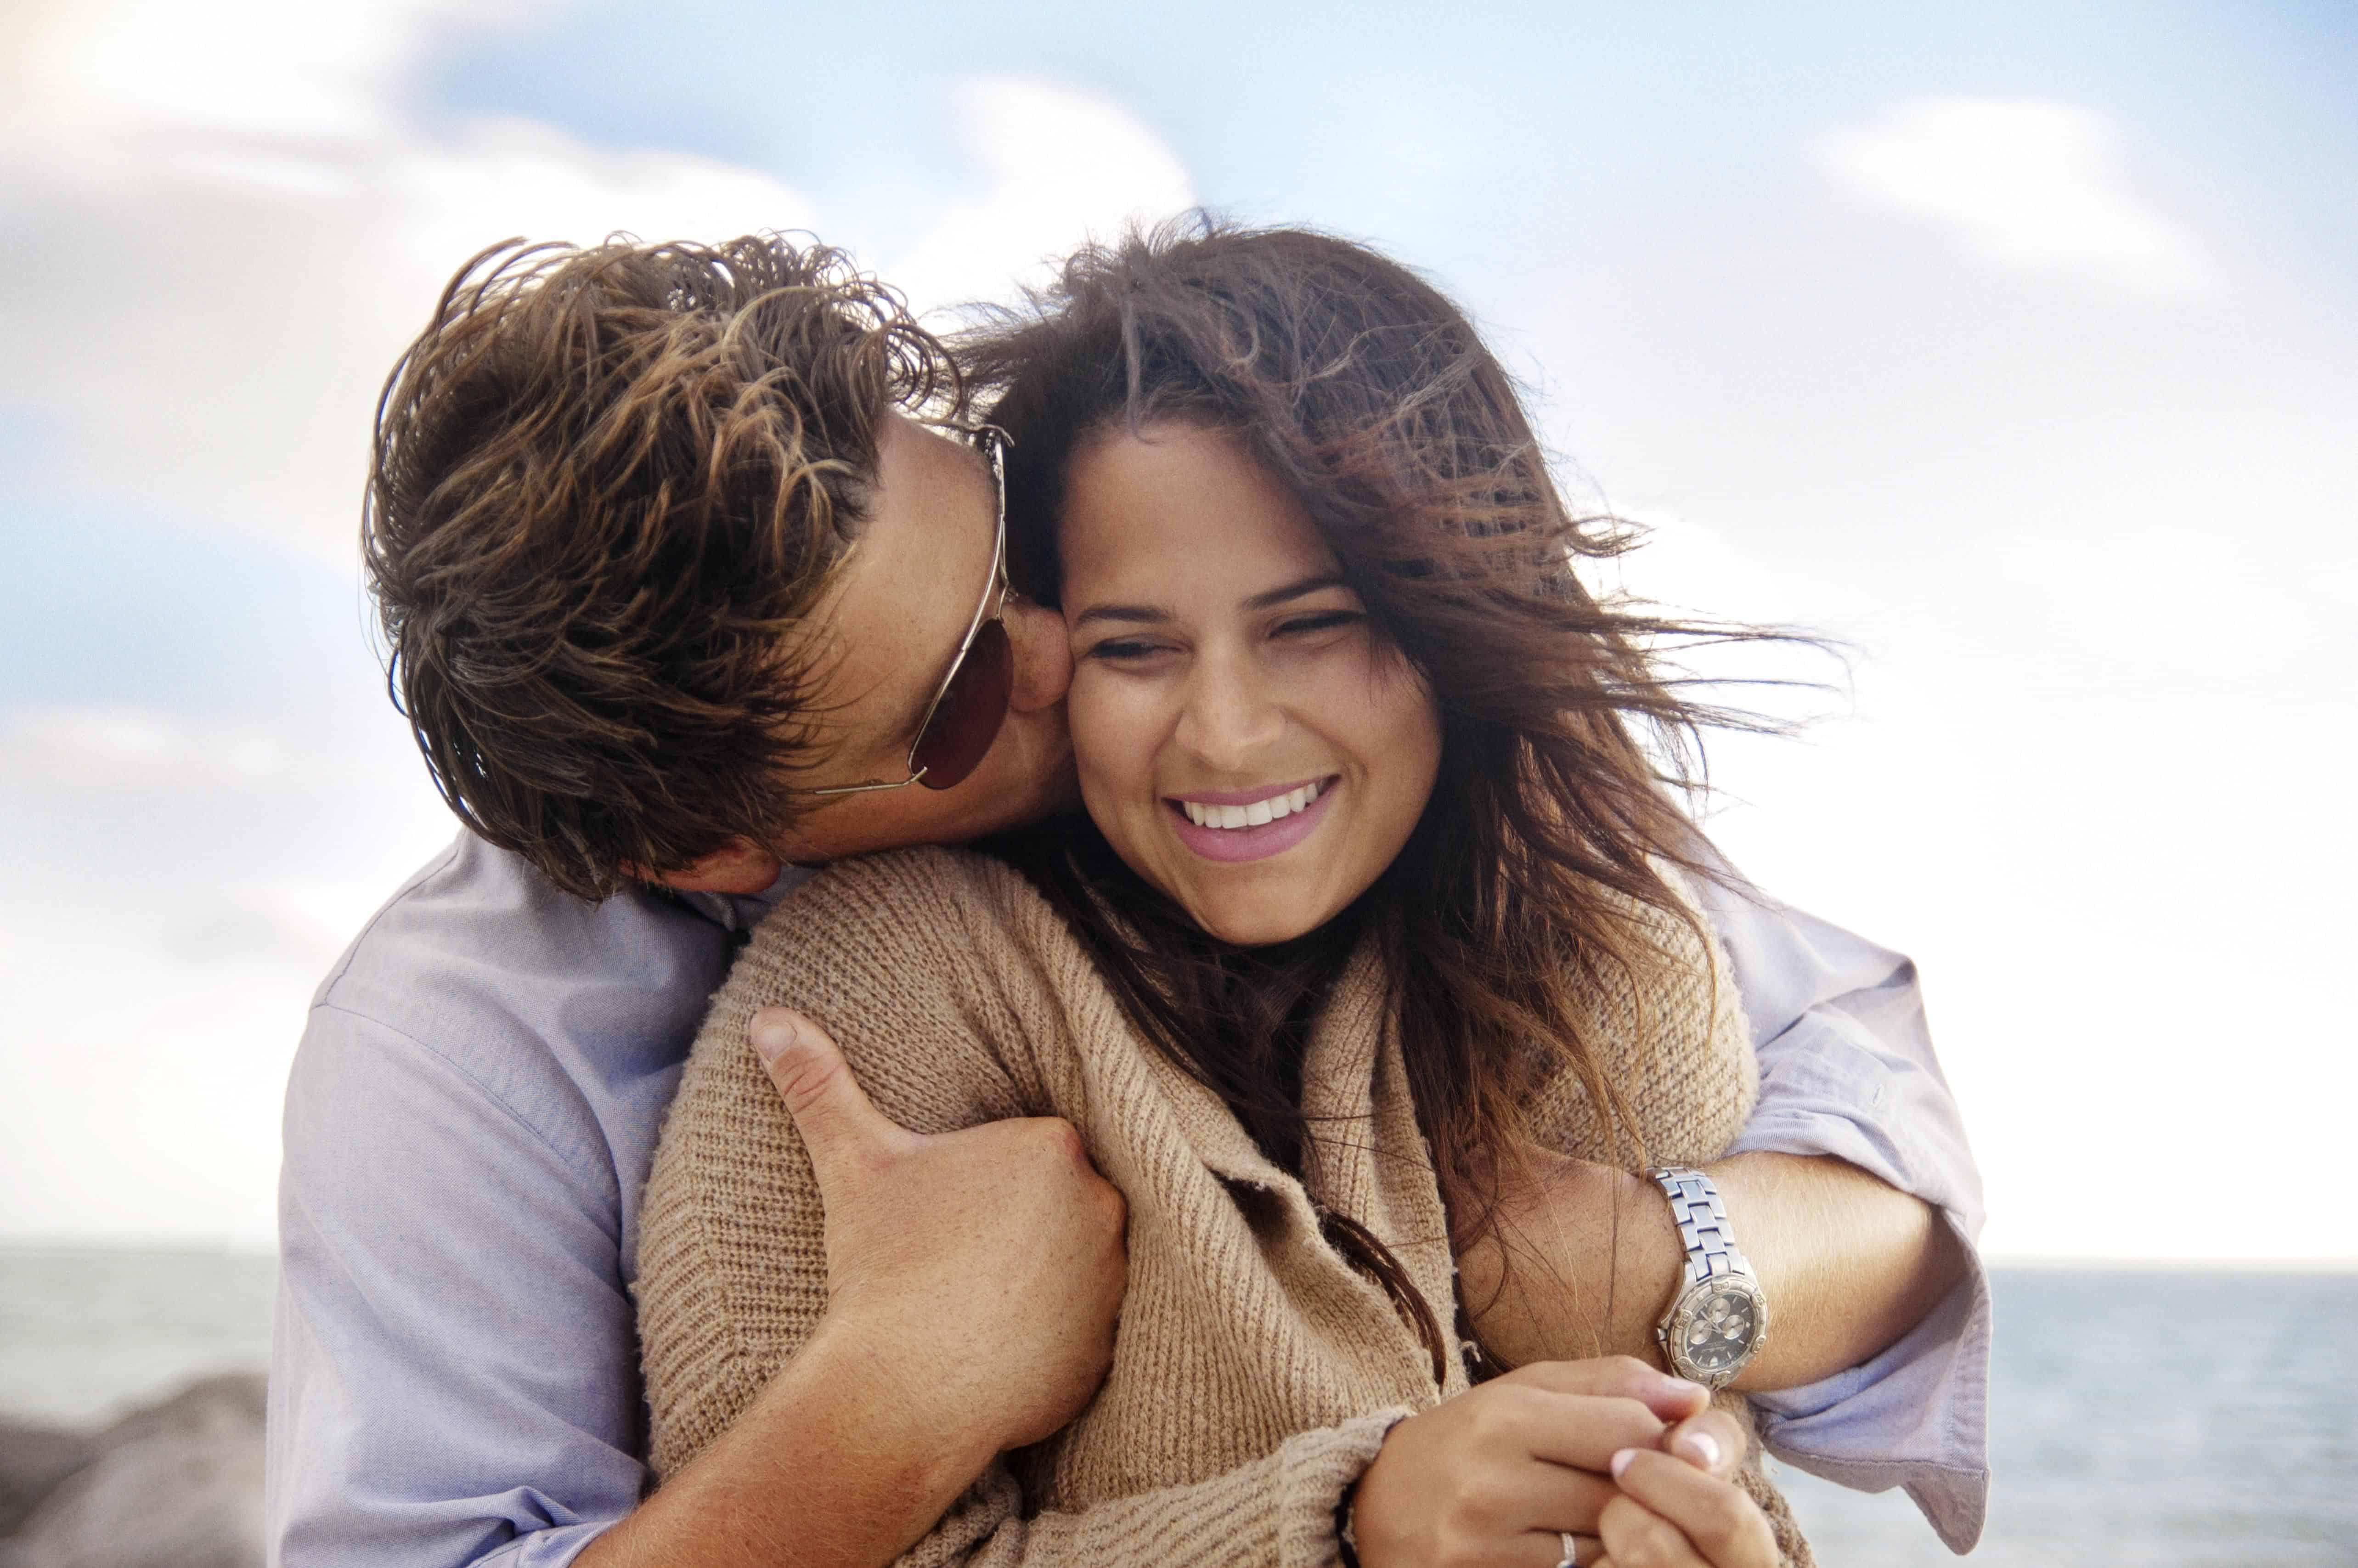 Мужчина и женщина любовь фото картинки